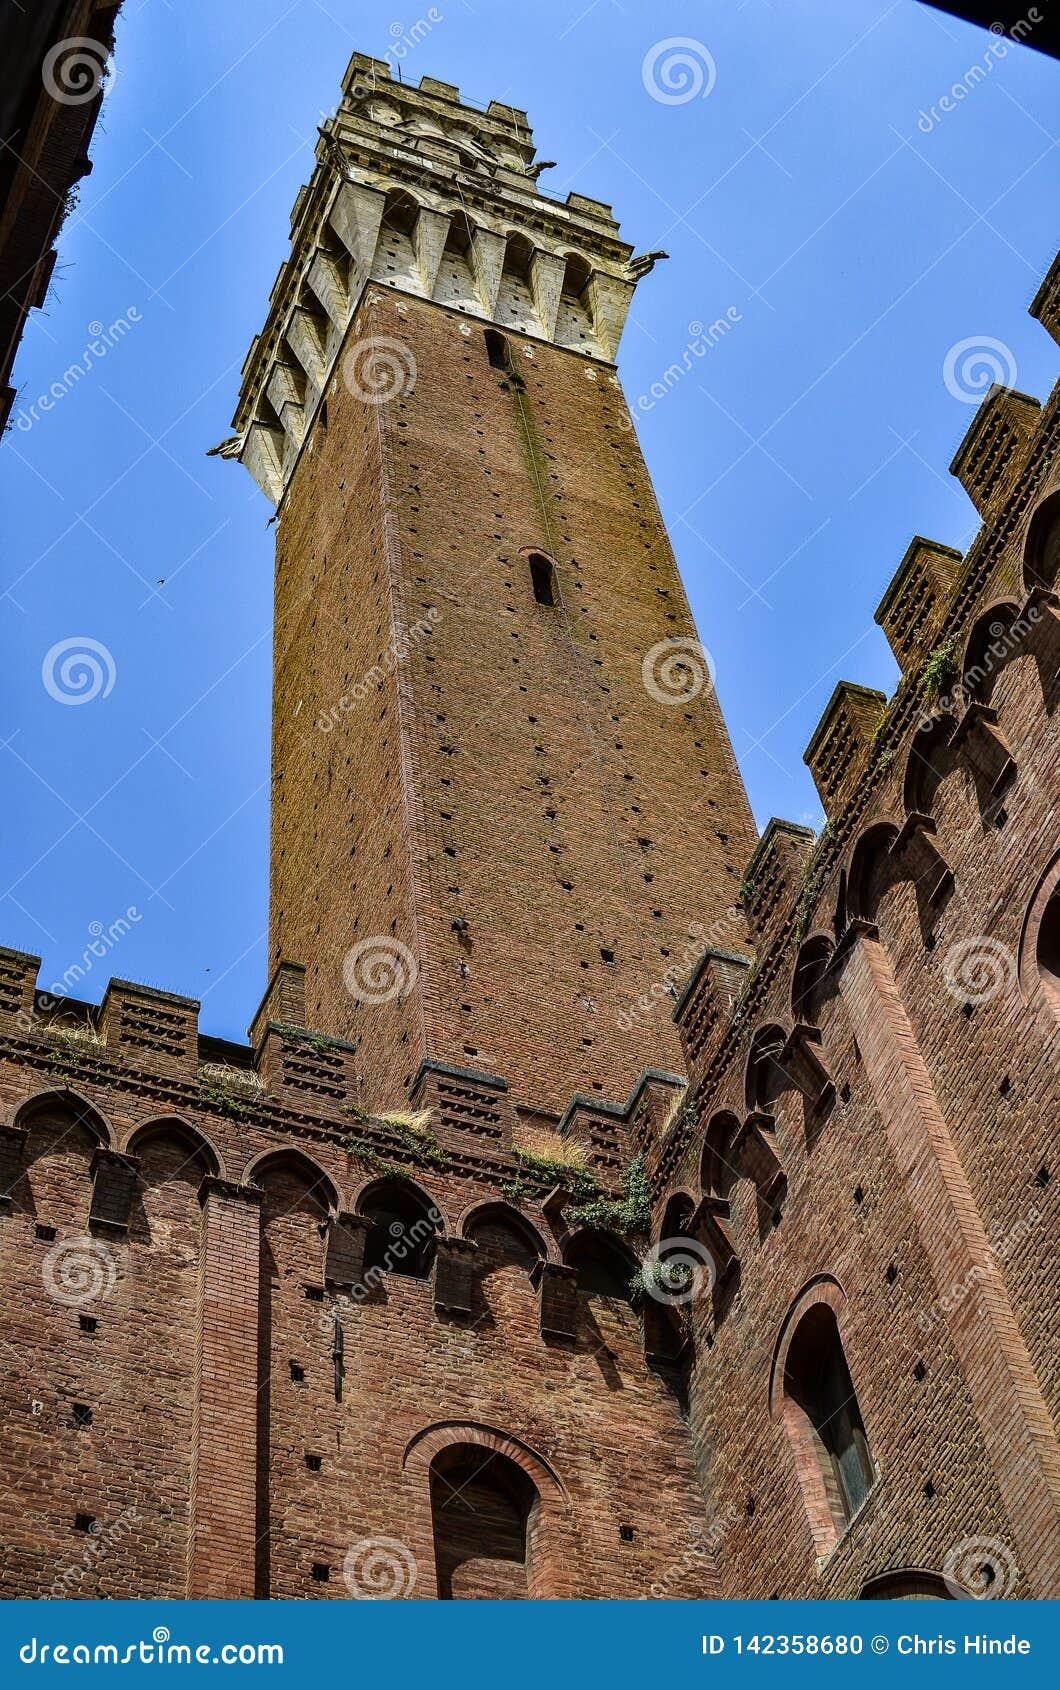 Campanile di Firenze